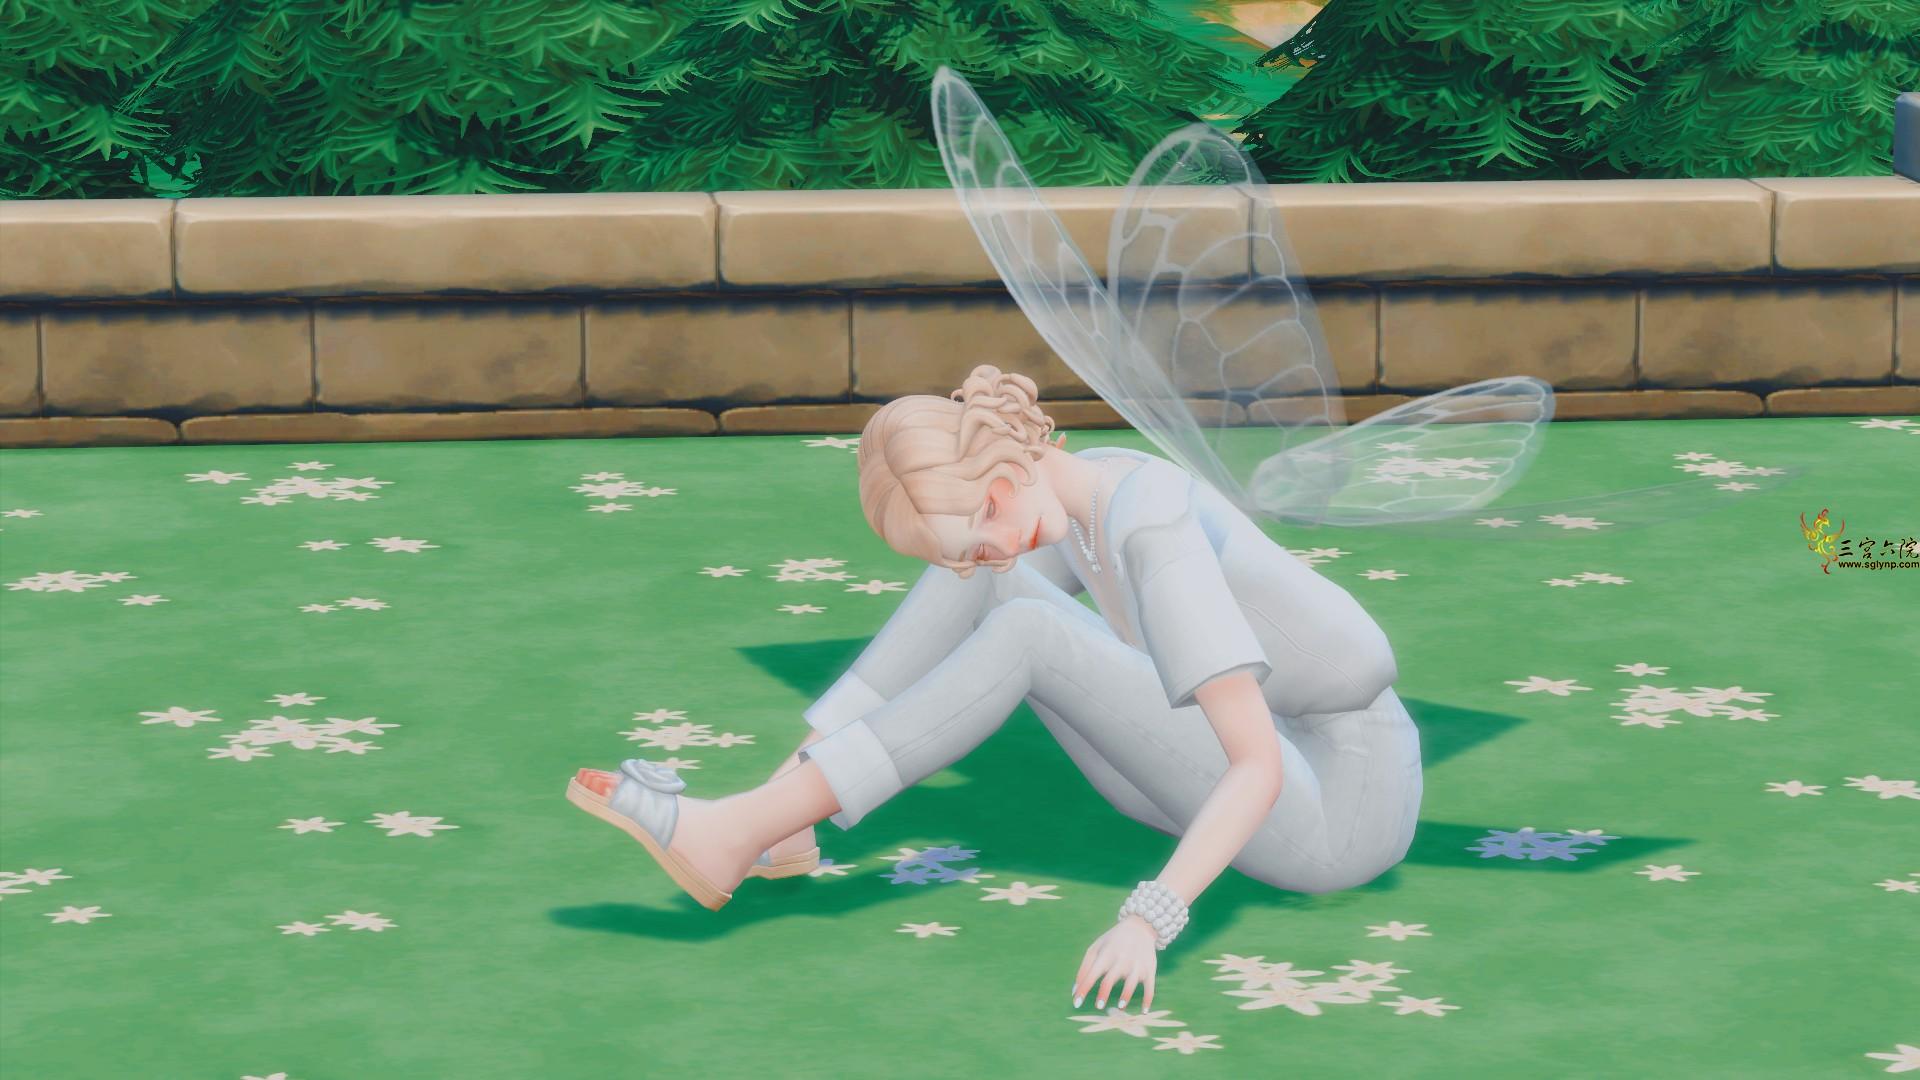 Sims 4 Screenshot 2021.02.12 - 13.13.45.02.png